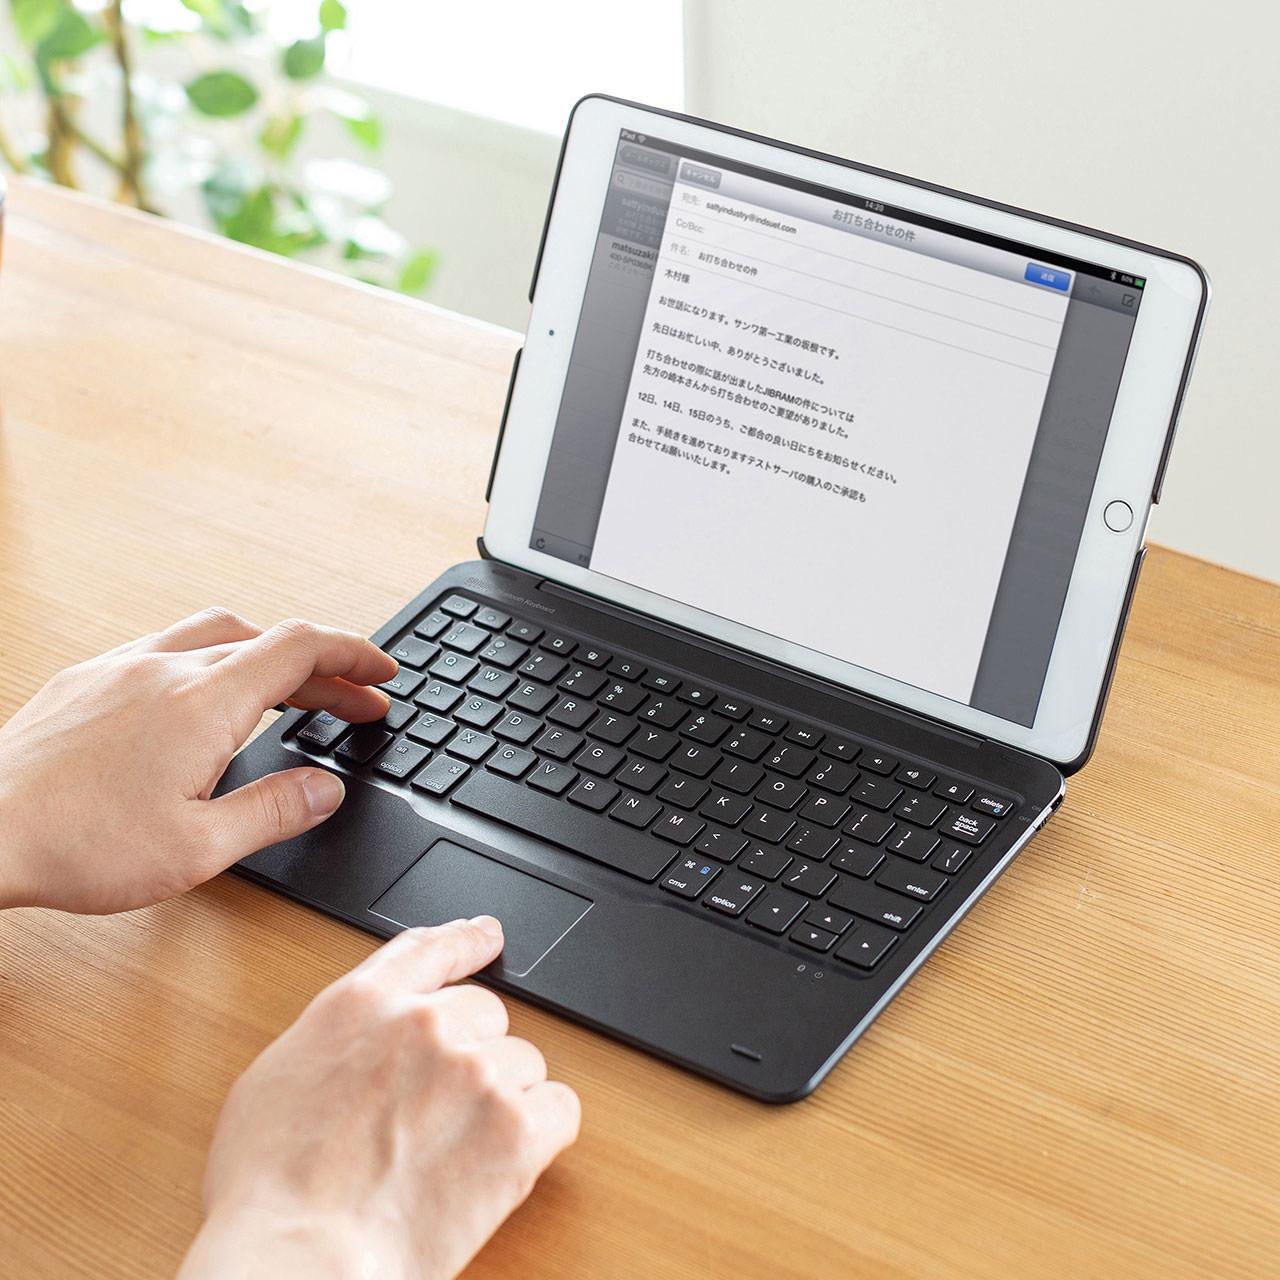 まるでノートPC!タッチパッド内蔵の2019年版10.2インチiPad専用ケース付きBluetoothキーボード「SKB-BTIPAD2BK」